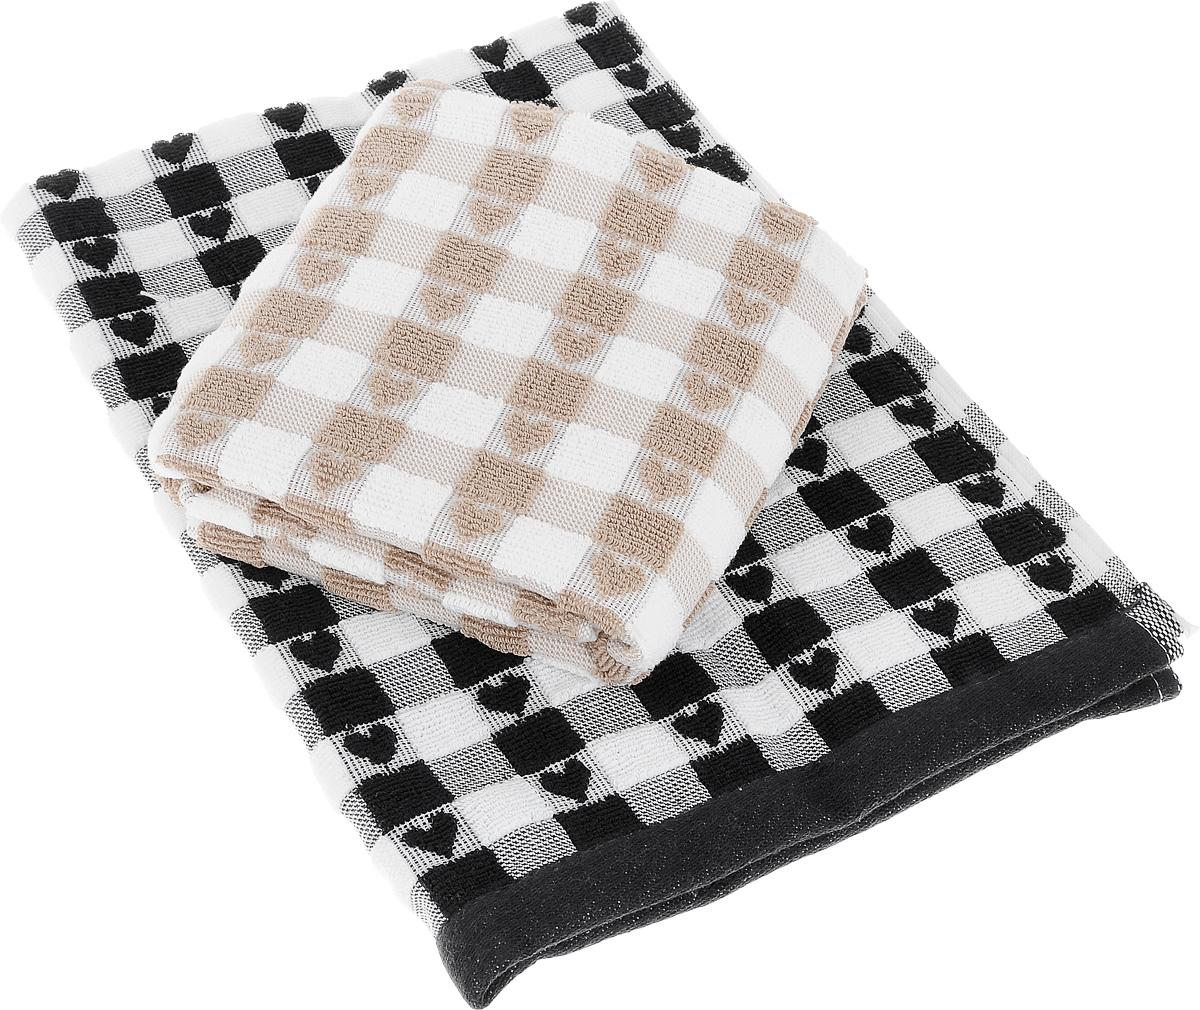 Набор кухонных полотенец Toalla Сердечки, цвет: черный, бежевый, 50 x 70 см, 2 шт00000000063Набор Toalla Сердечки состоит из двух прямоугольных полотенец, выполненных из 100% хлопка. Изделия предназначены для использования на кухне и в столовой. Набор полотенец Toalla Сердечки - отличное приобретение для каждой хозяйки. Комплектация: 2 шт.